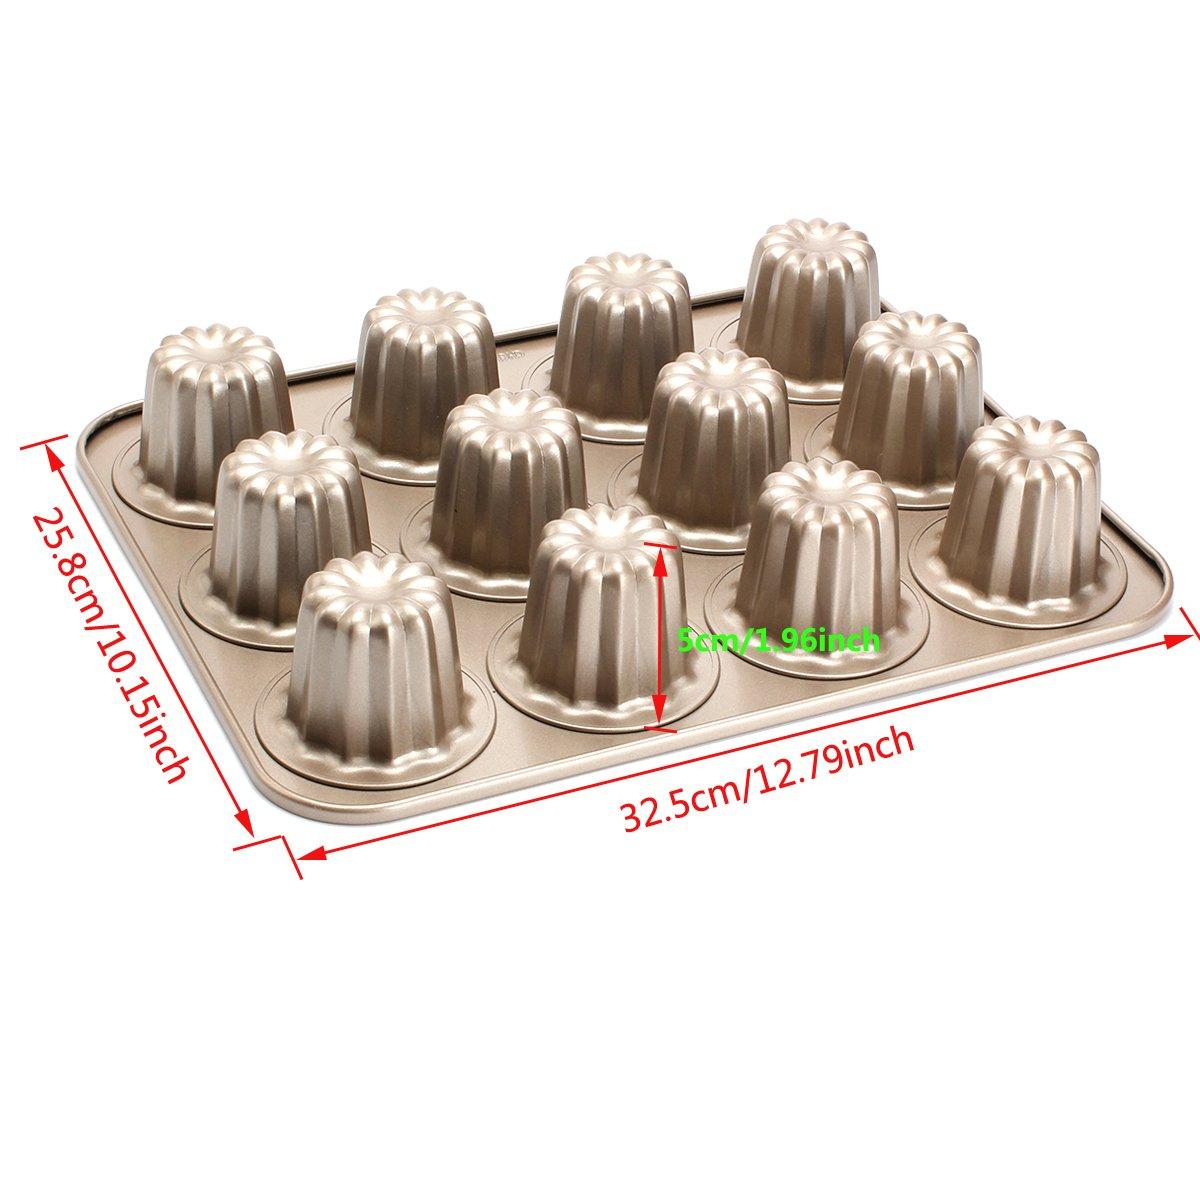 Cannele Mould, Geila 12-Cavity Canneles de Bordeaux Molds Nonstick Carbon Steel Canneles Baking Pan Cake Bakeware Geila Co. Ltd